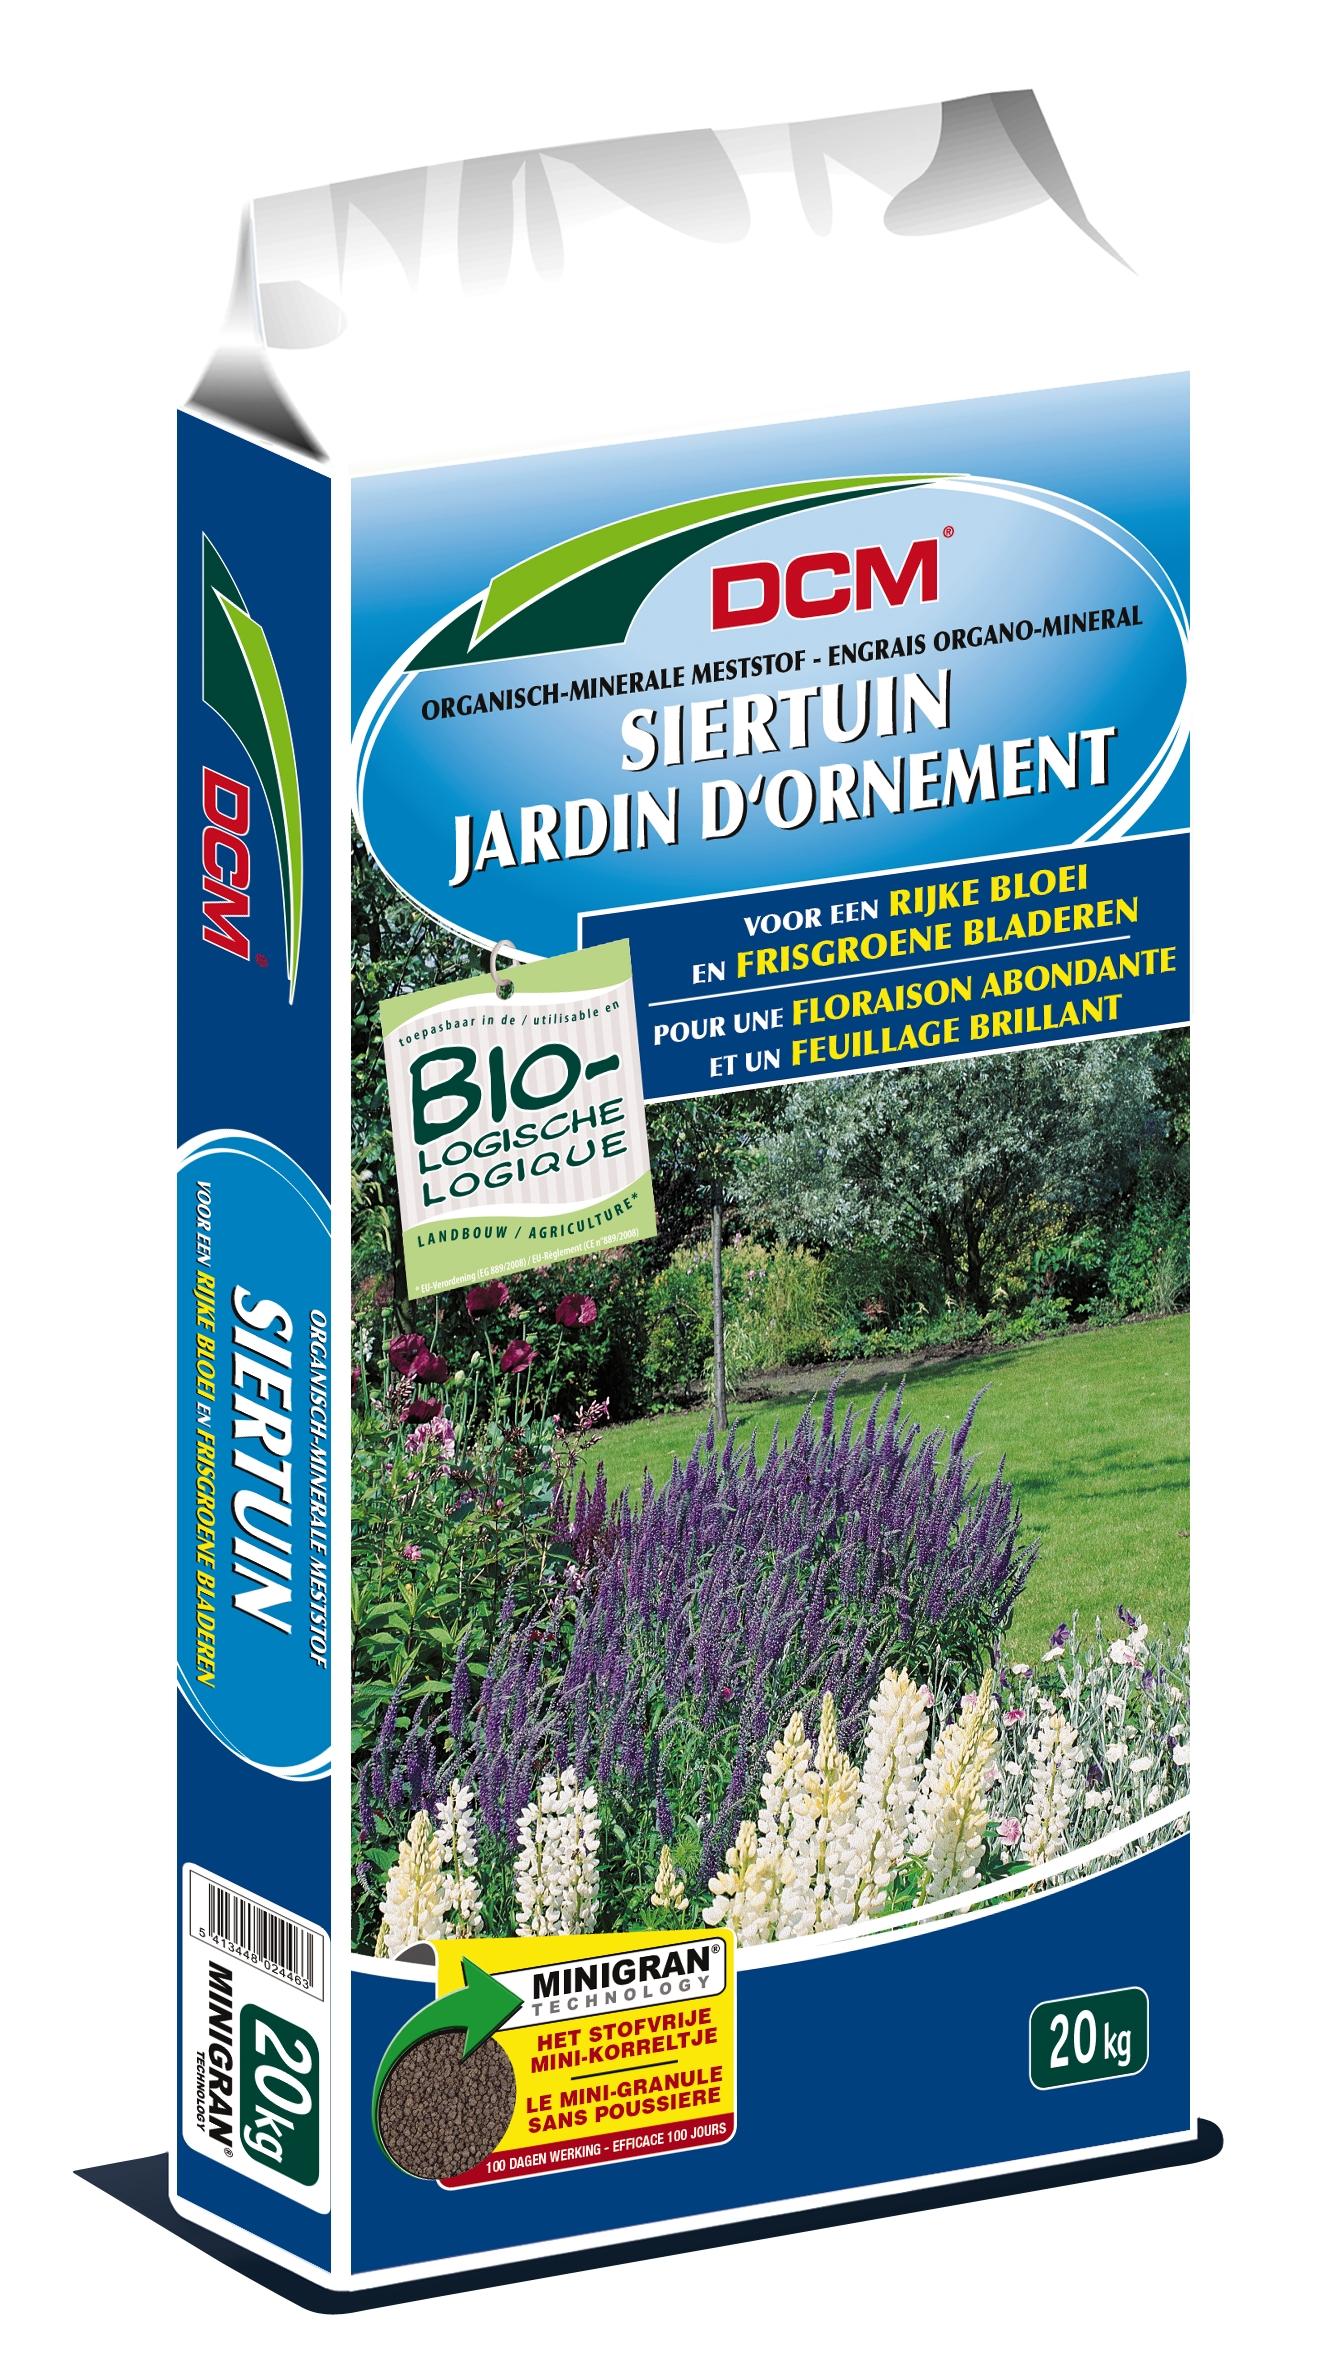 Dcm Organisch-Minerale meststof Siertuin.